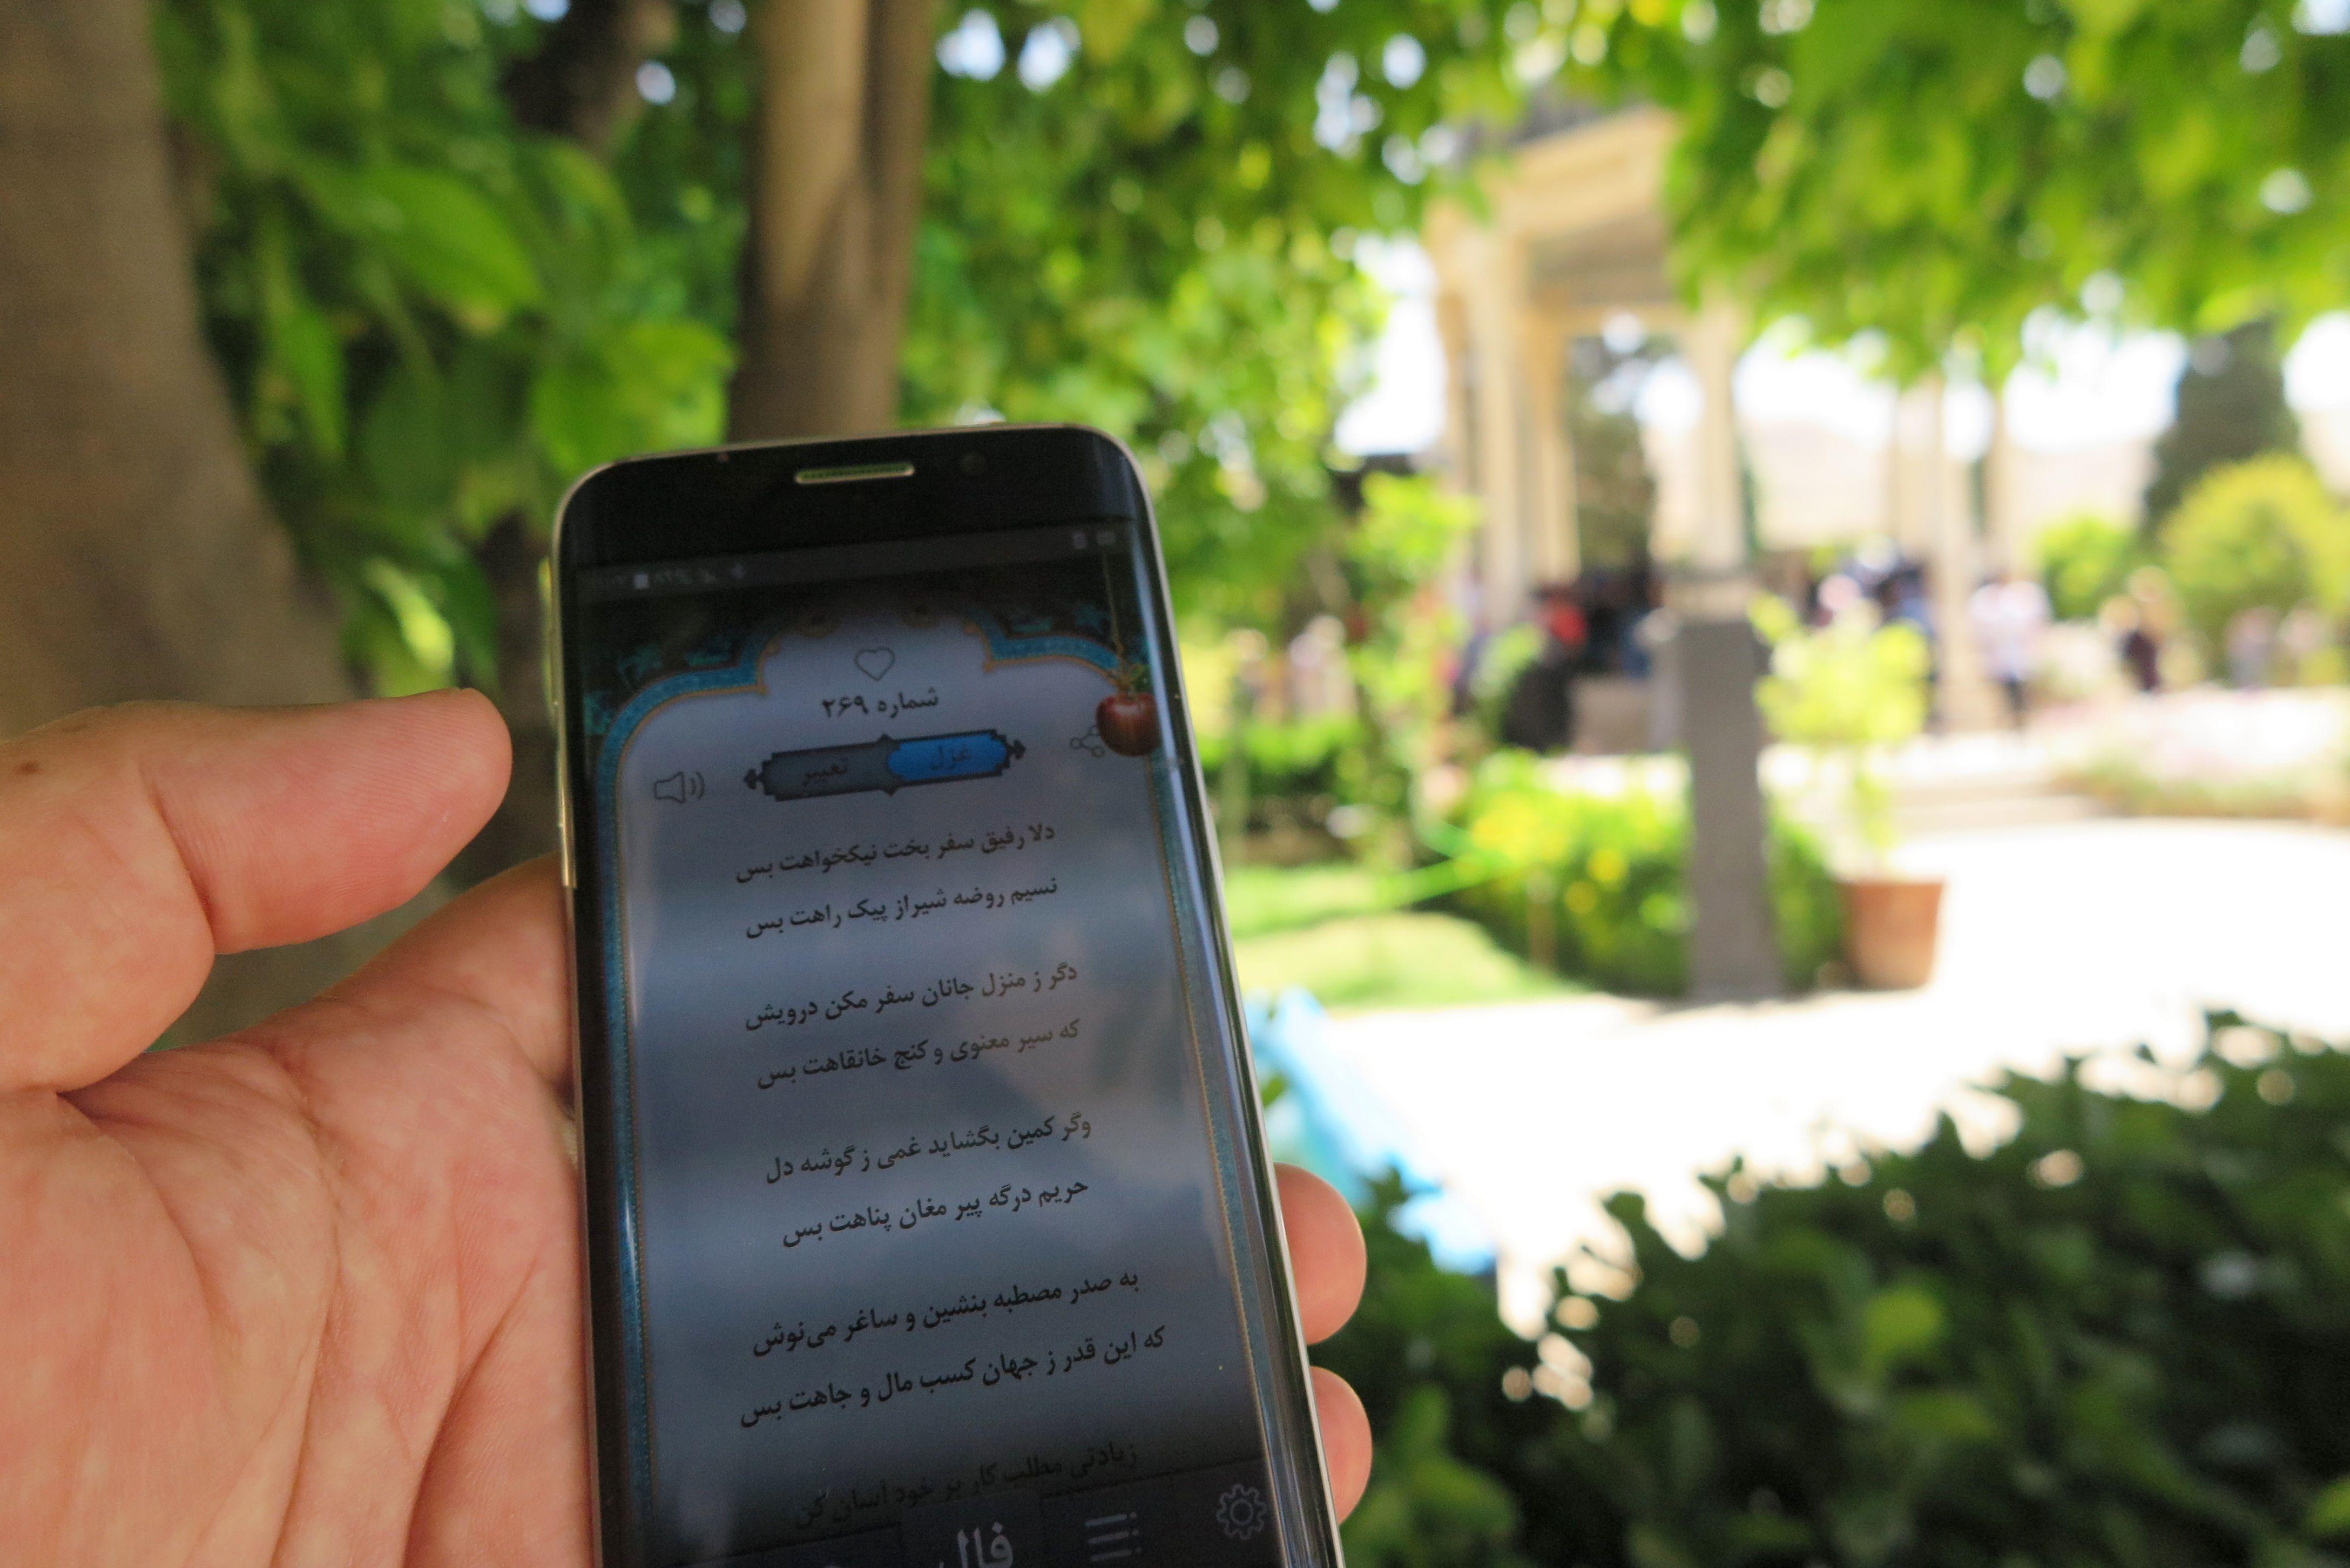 بارگاه حافظ فال حافظ دلا رفیق سفربخت نیکخواهت بس Tomb Of Hafez Shirazi Samsung Galaxy Phone Galaxy Phone Samsung Galaxy